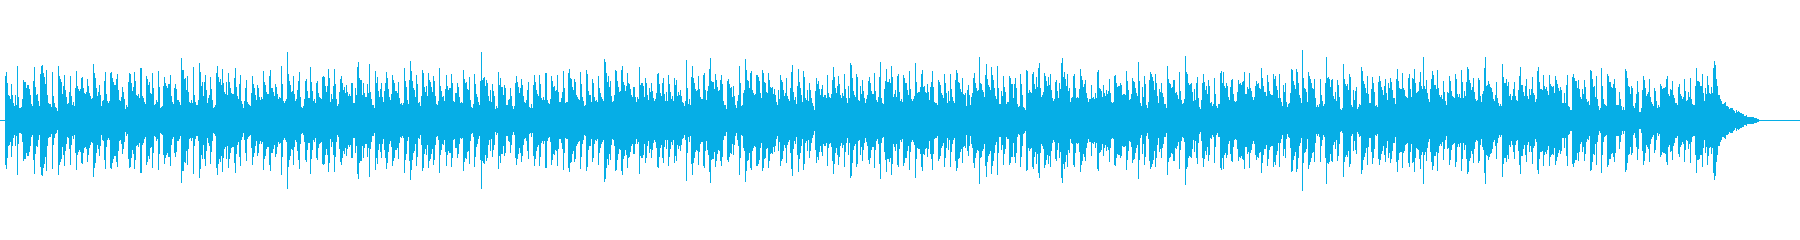 わくわく3拍子ジャズの再生済みの波形